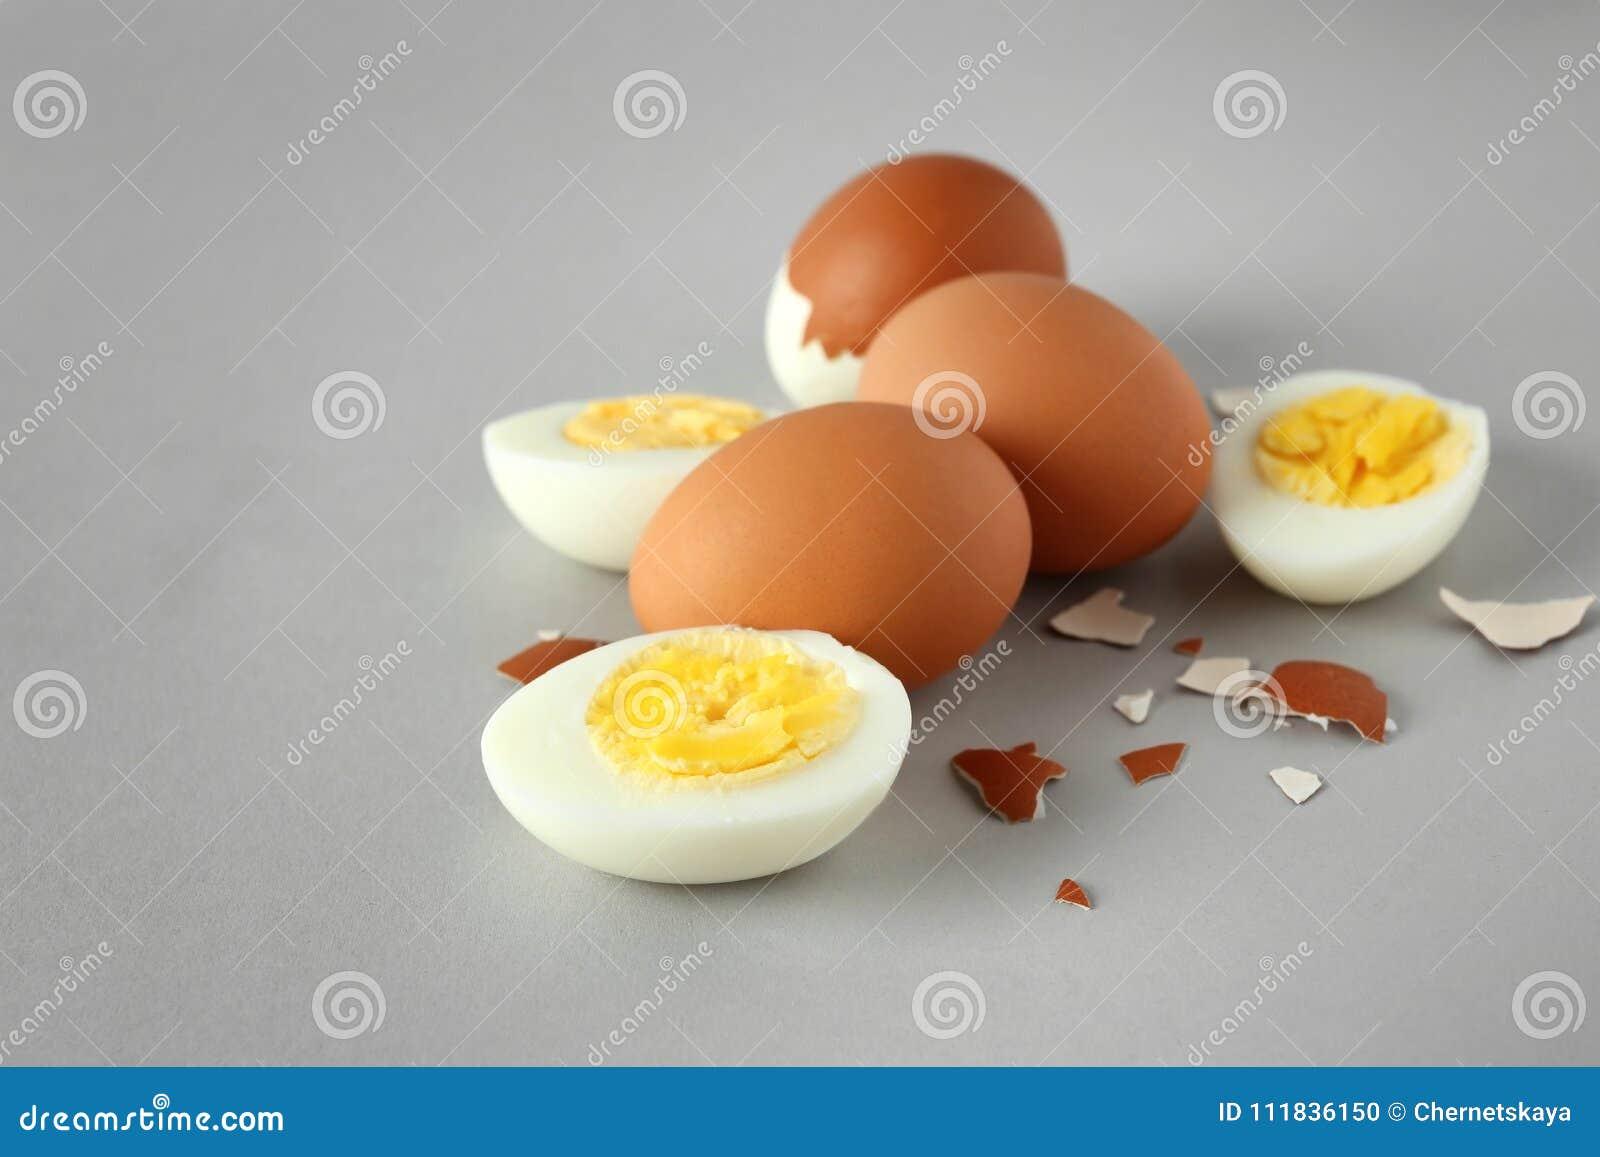 Harde gekookte eieren op grijze achtergrond